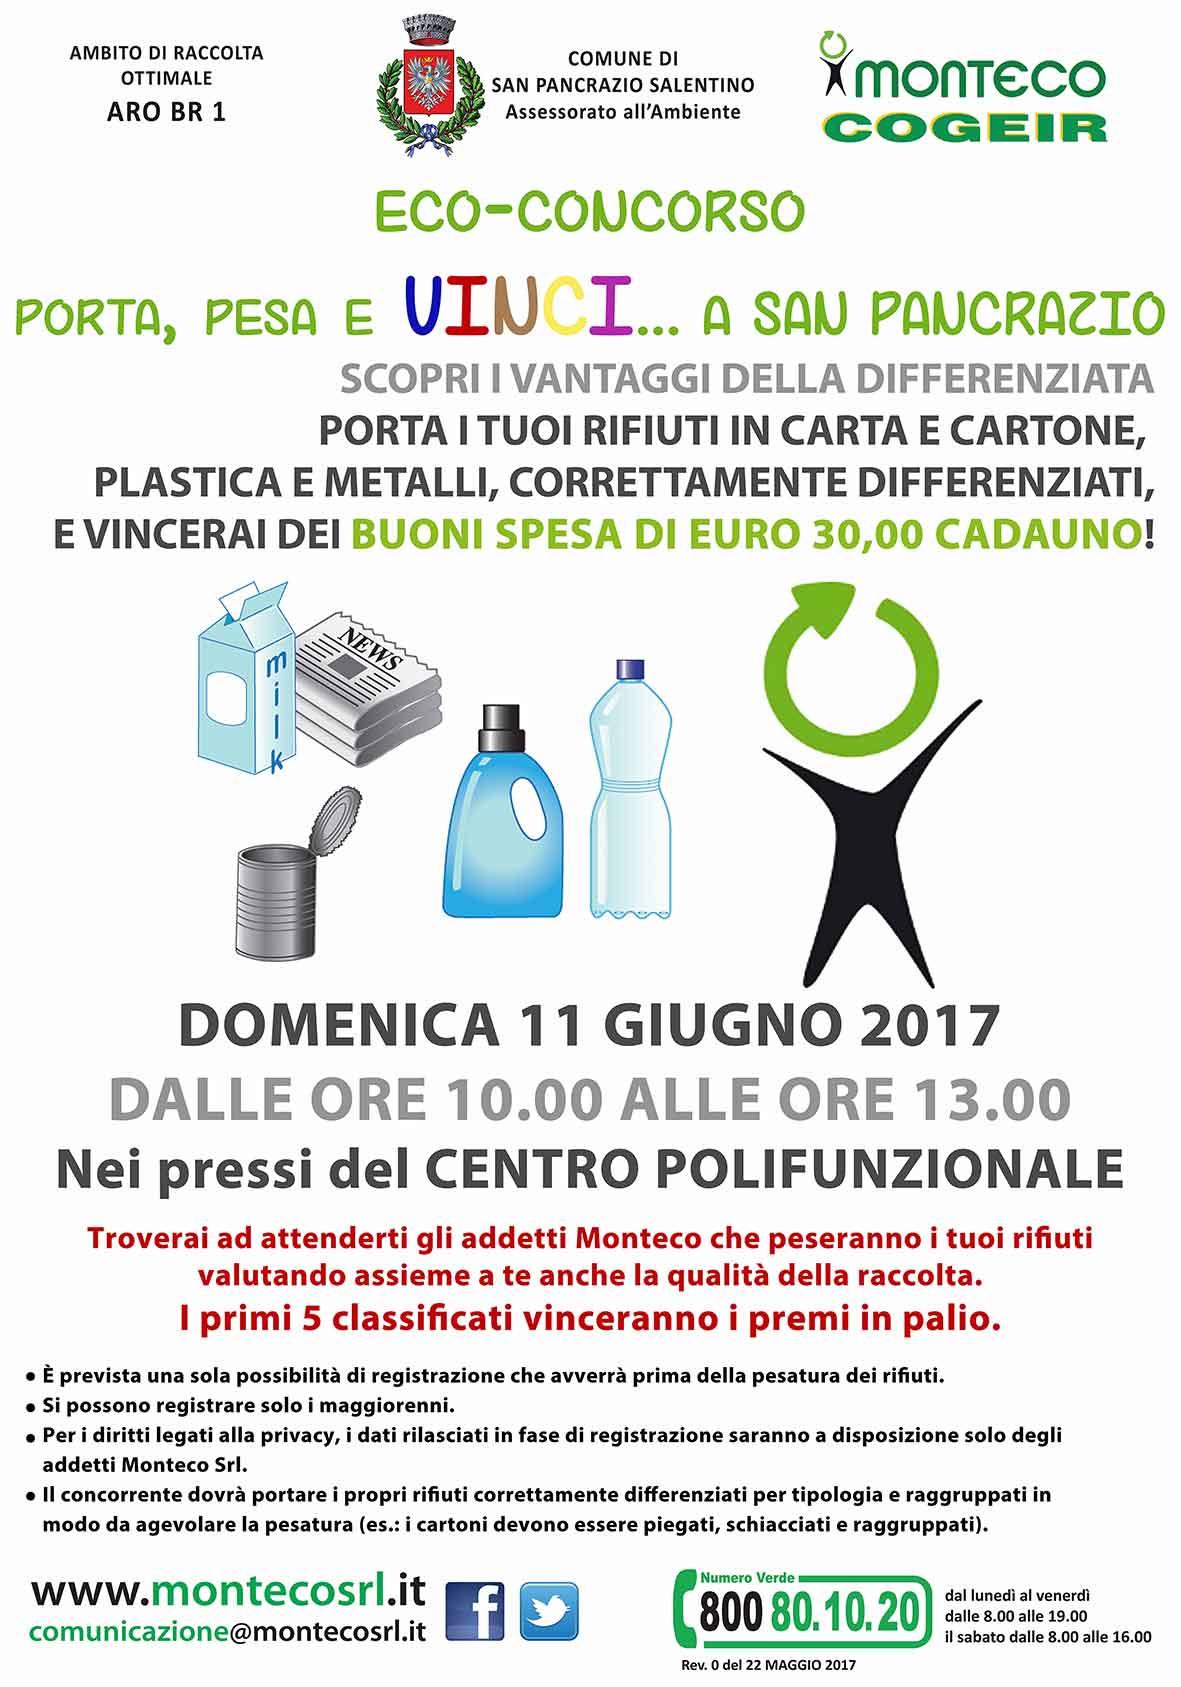 SAN PANCRAZIO SALENTINO: Porta, Pesa e Vinci, l'eco-concorso che ti premia con la differenziata